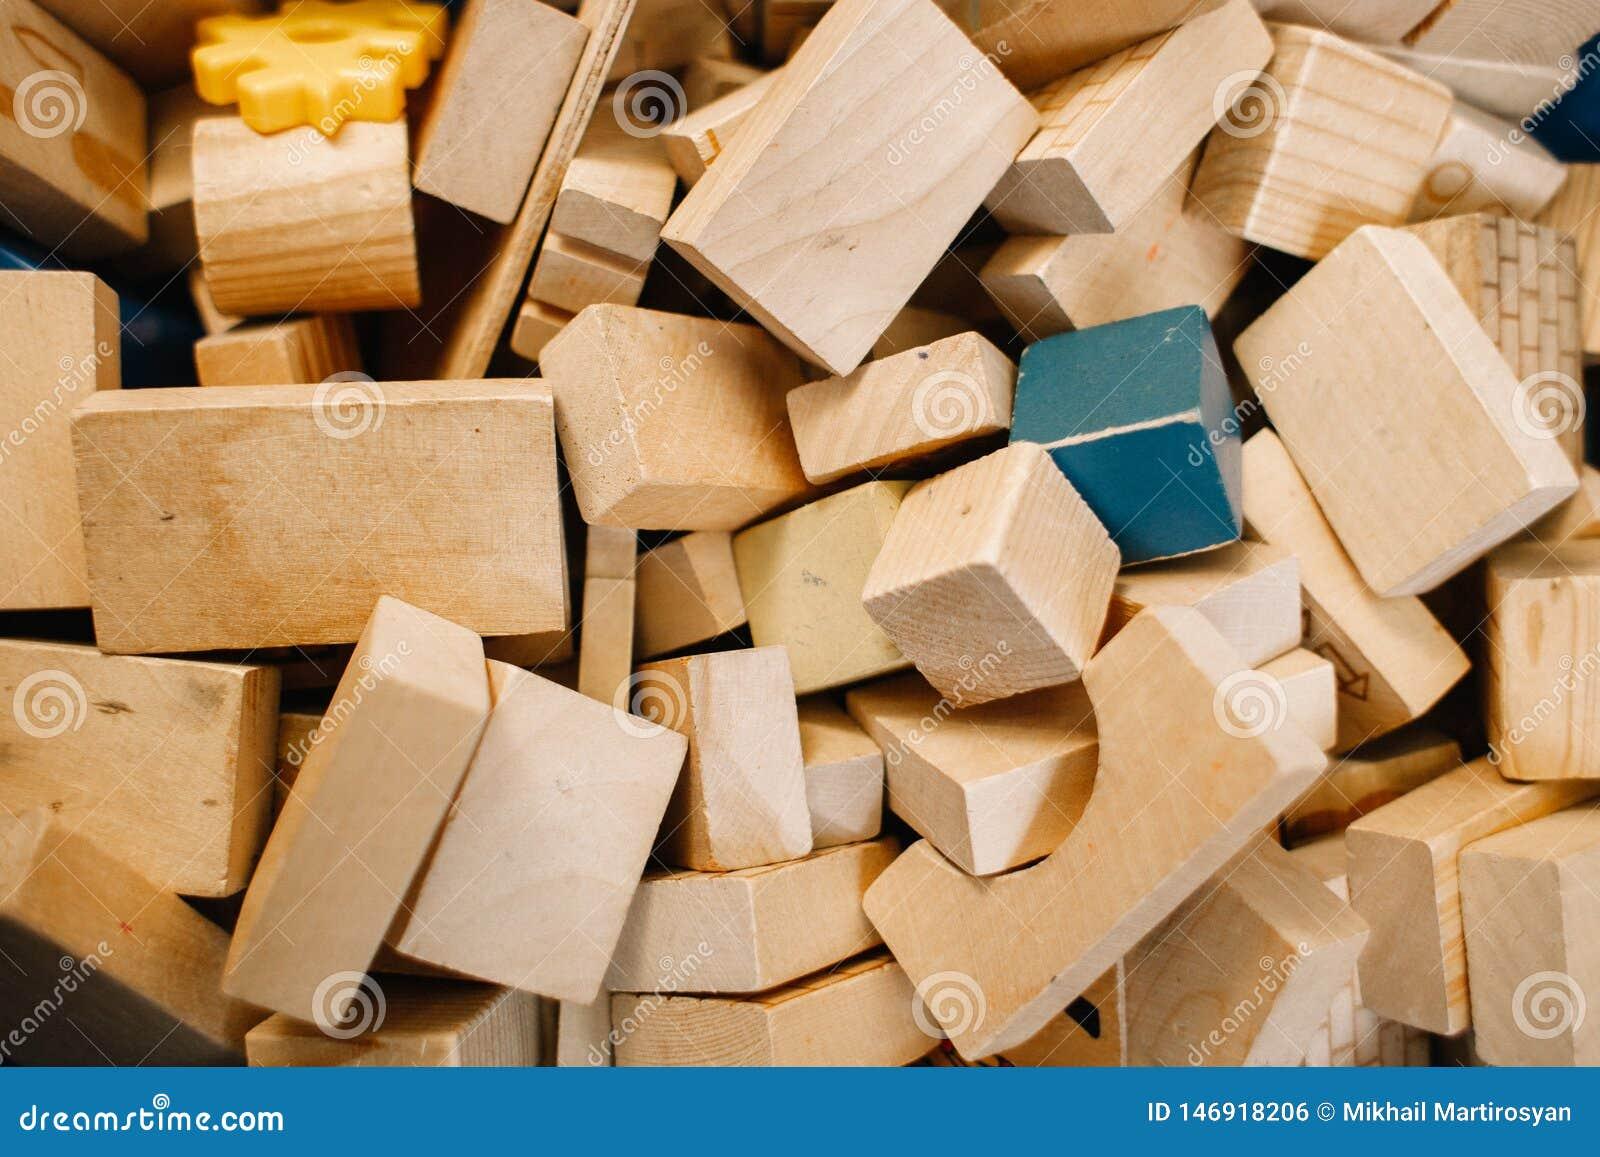 Игрушки в детском саде Хаотично разбросанные деревянные блоки